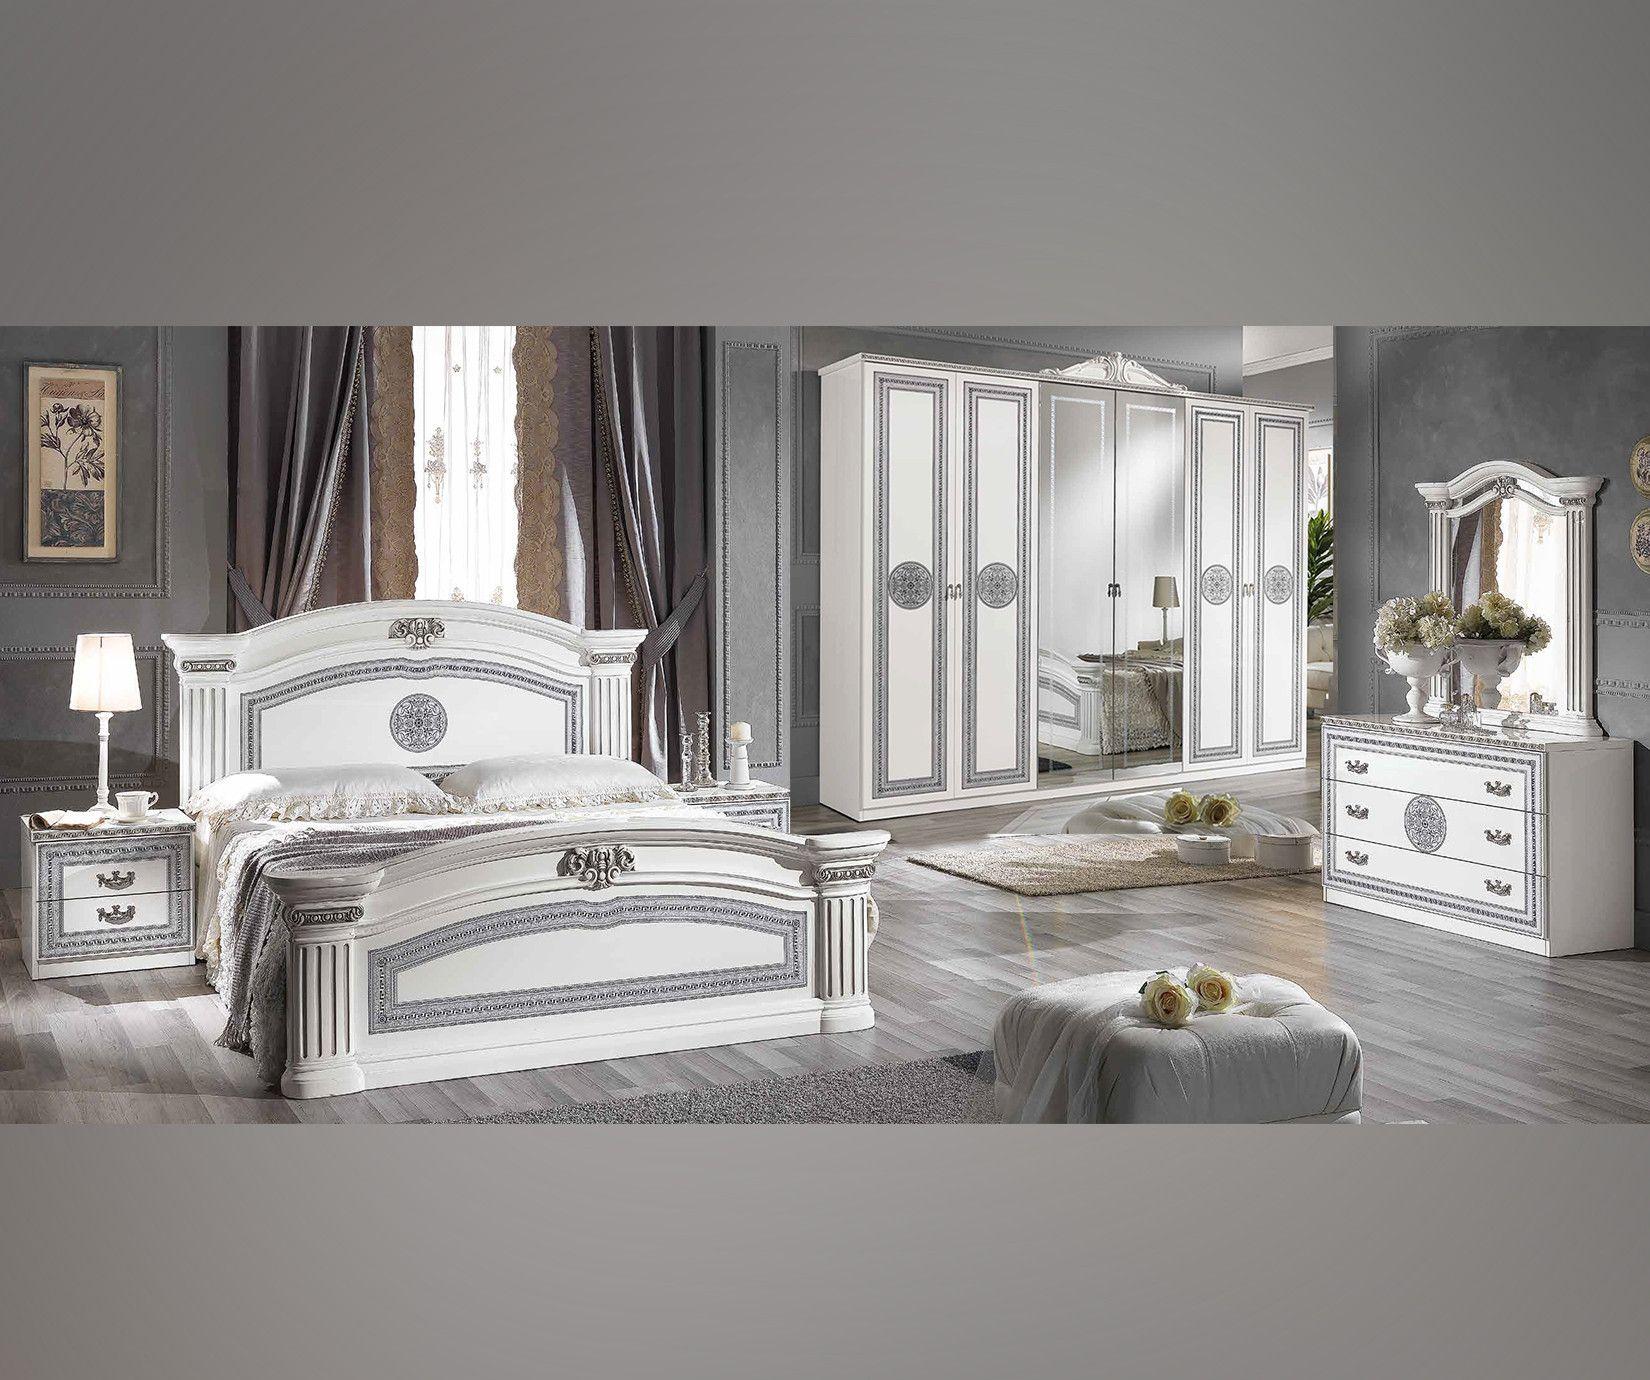 Elegantes Schlafzimmer Set Im Italienischen Stil Schlafzimmer Mobel Sets Italienisches Bett Italienisches Schlafzimmer Mobel Bett Home Decor Home Home Goods